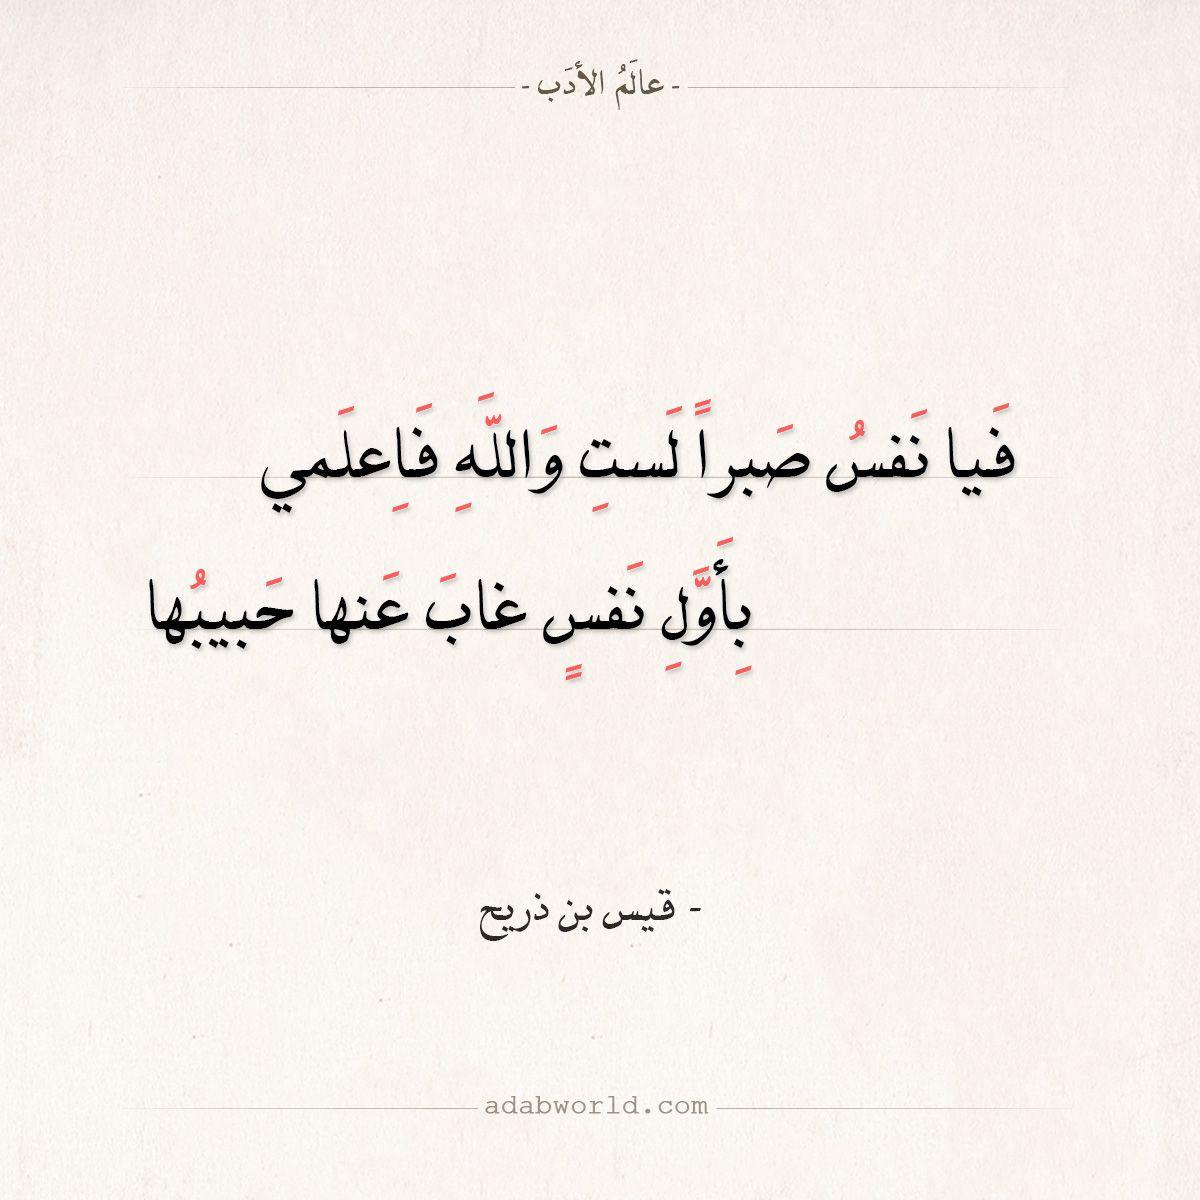 شعر قيس بن ذريح فيا نفس صبرا لست والله فاعلمي عالم الأدب Math Poet